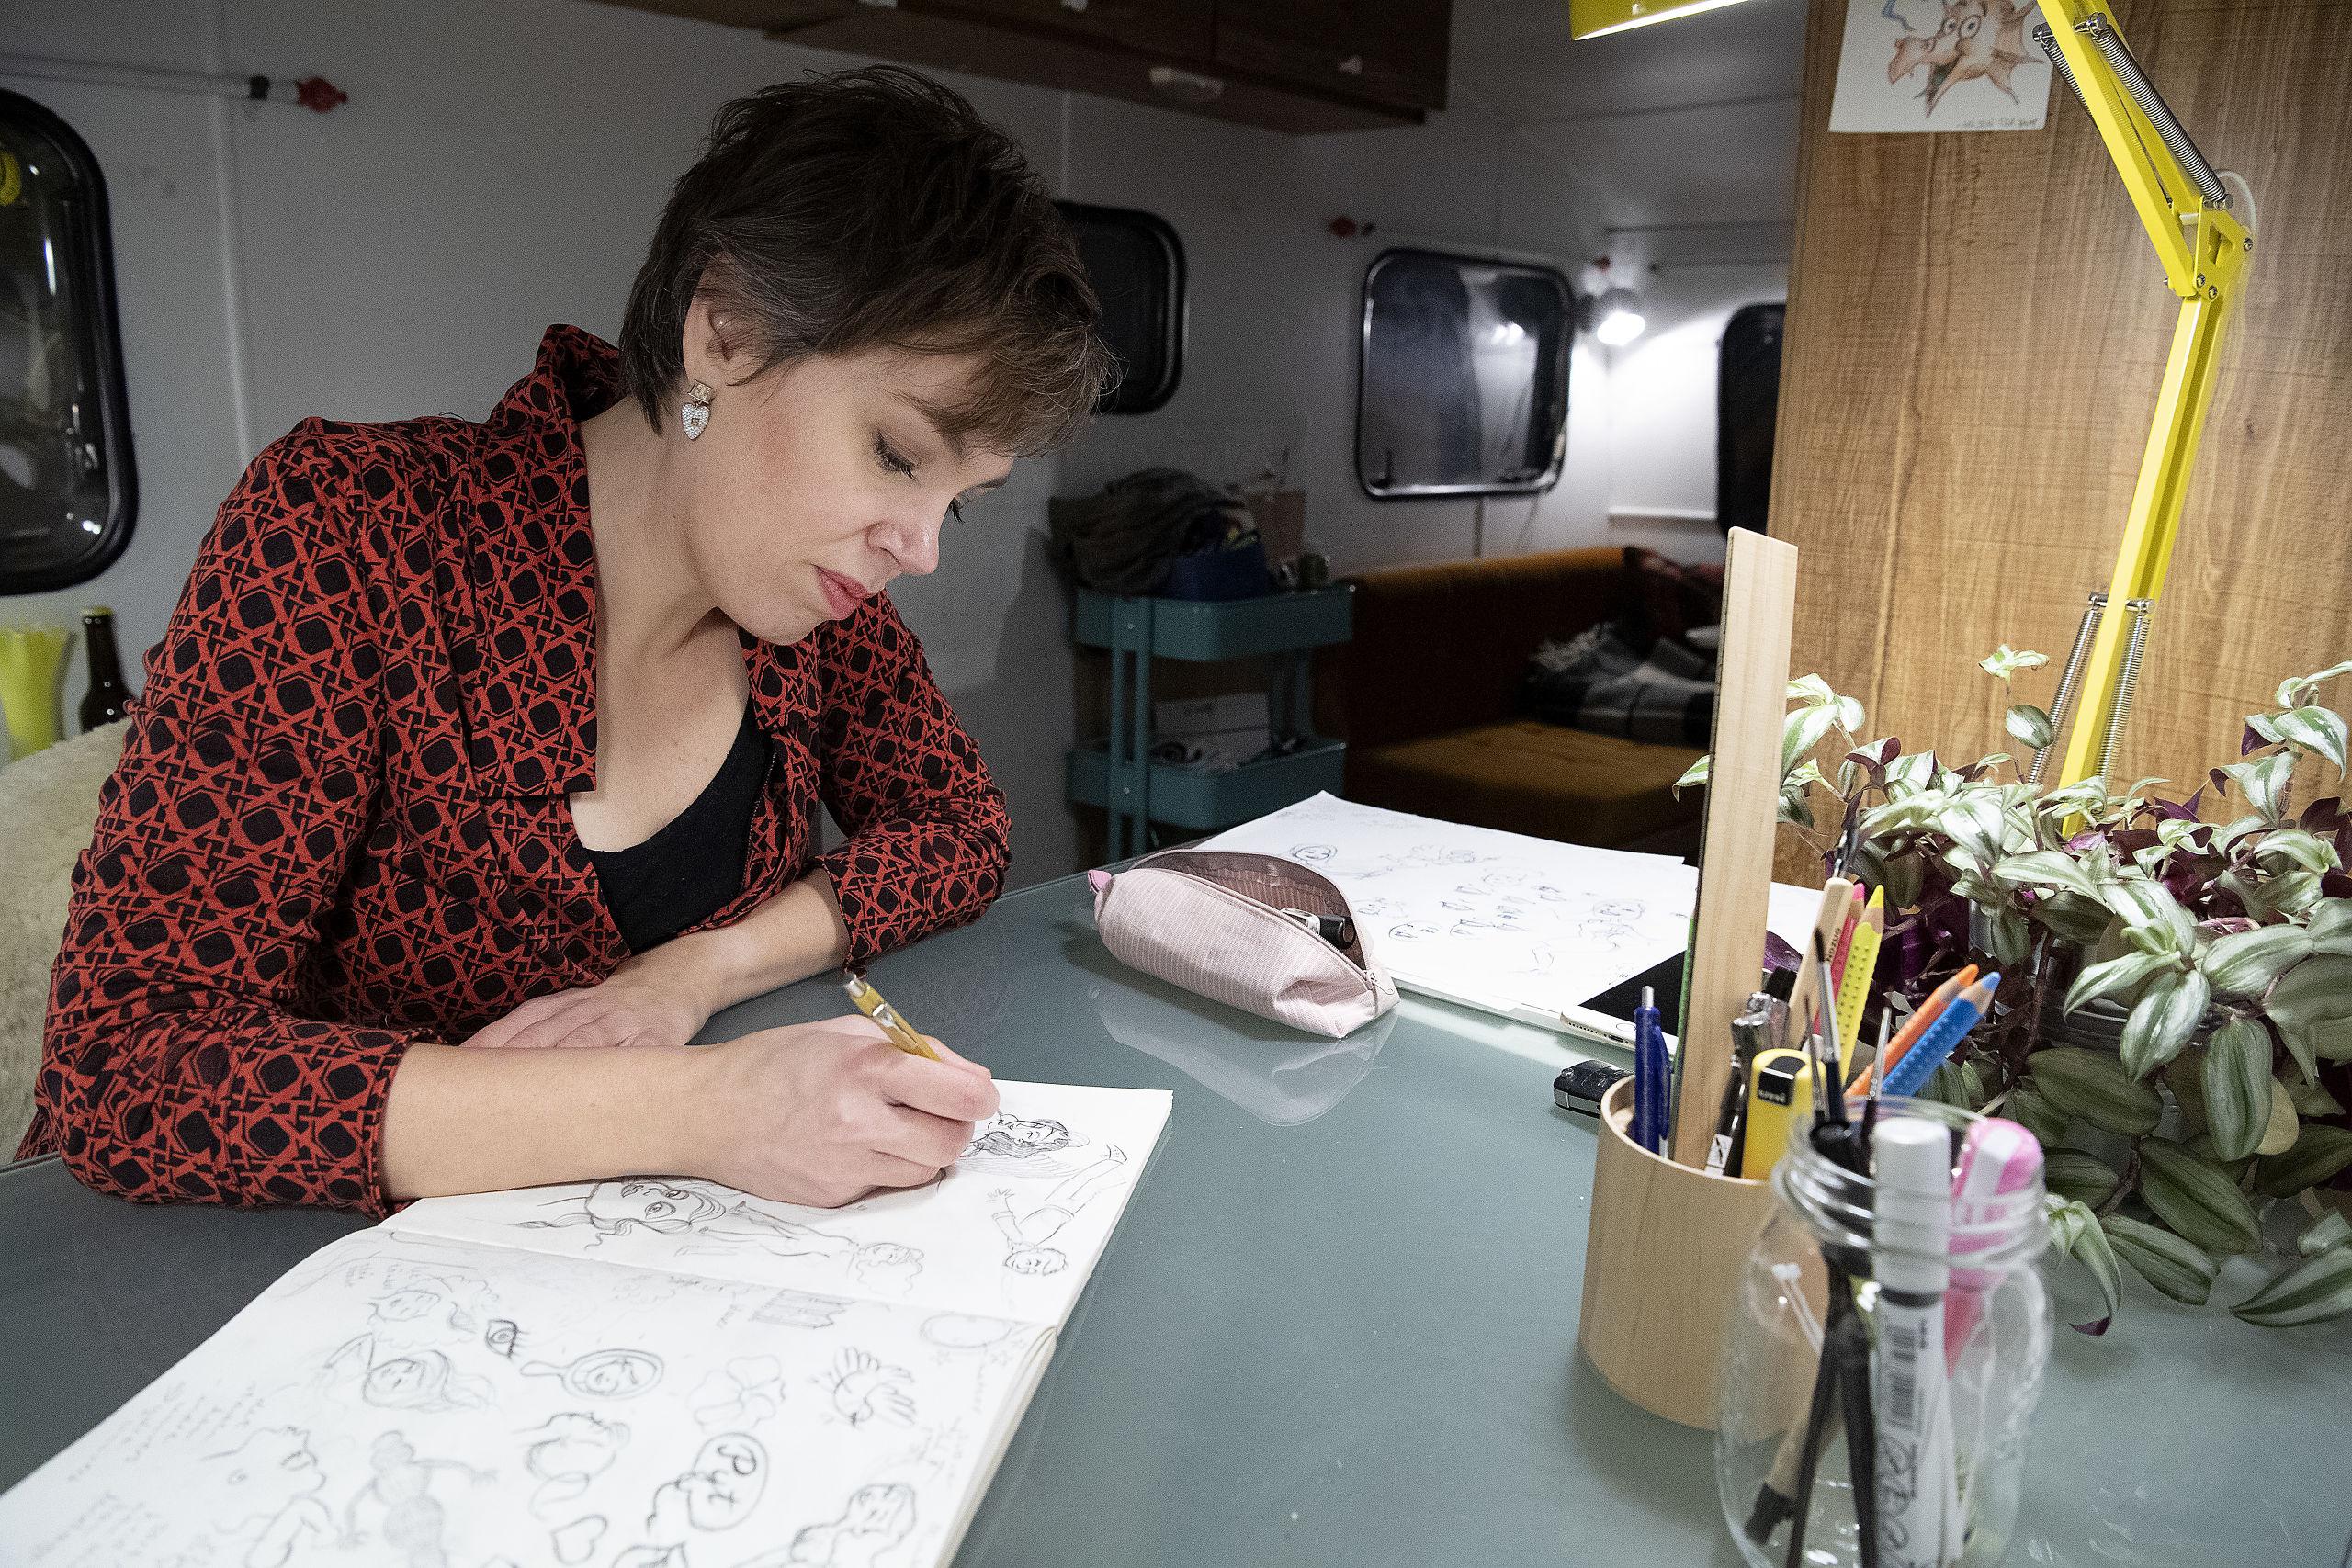 Kunstformen er doodles, hvor Jill Lycoops' små tegninger tilsammen skaber en stor tegning. Foto: Peter Mørk